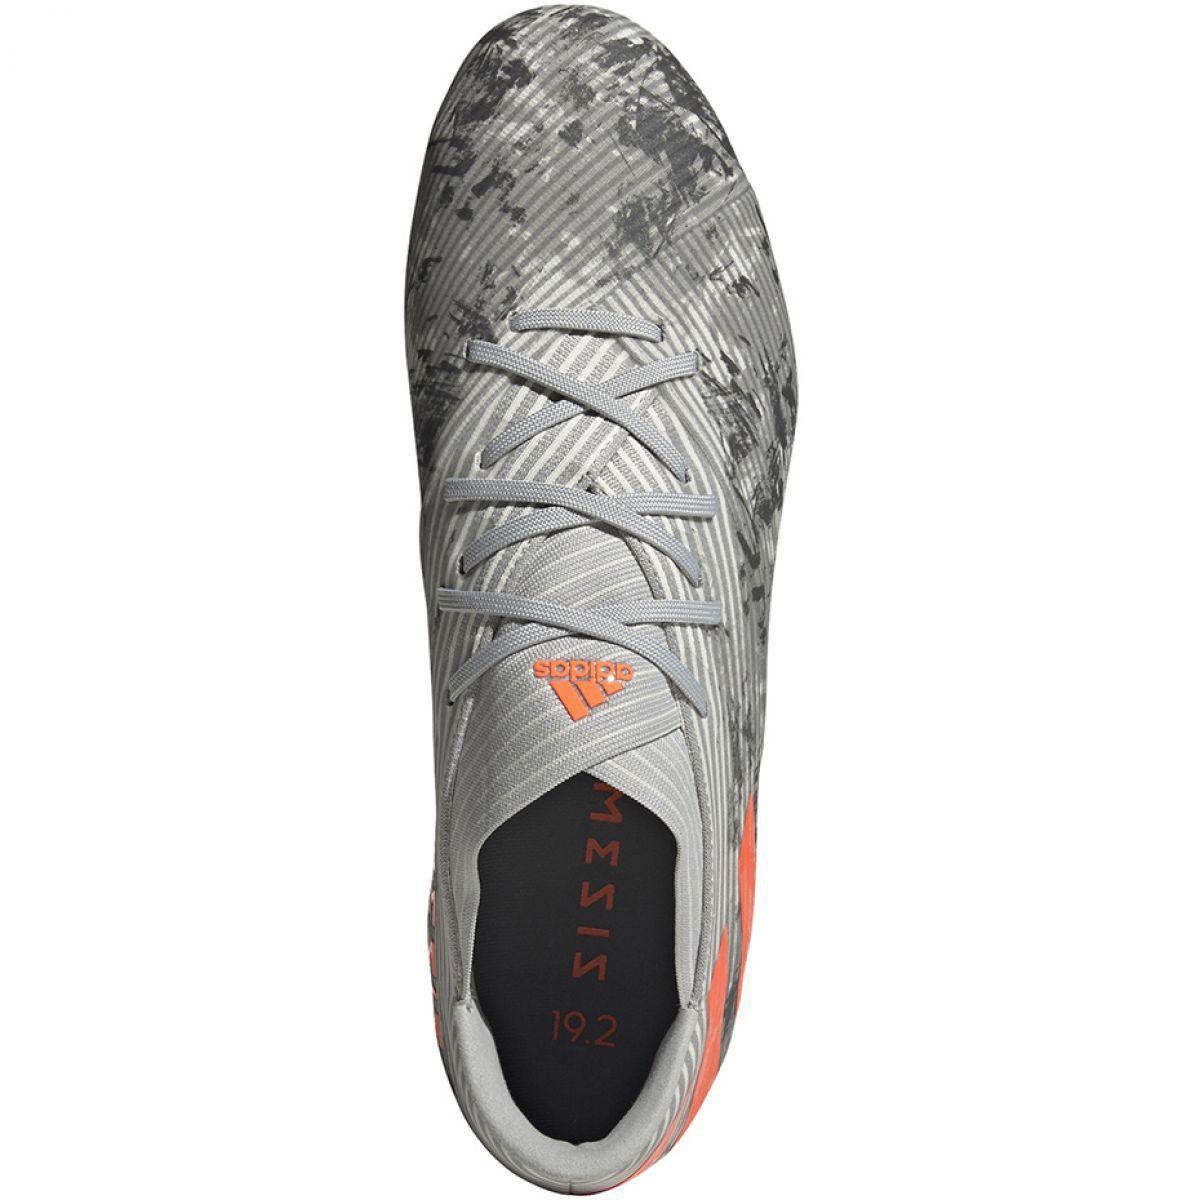 Buty Pilkarskie Adidas Nemeziz 19 2 M Fg Ef8288 Szare Wielokolorowe Calzado Deportivo Futbol Deportes